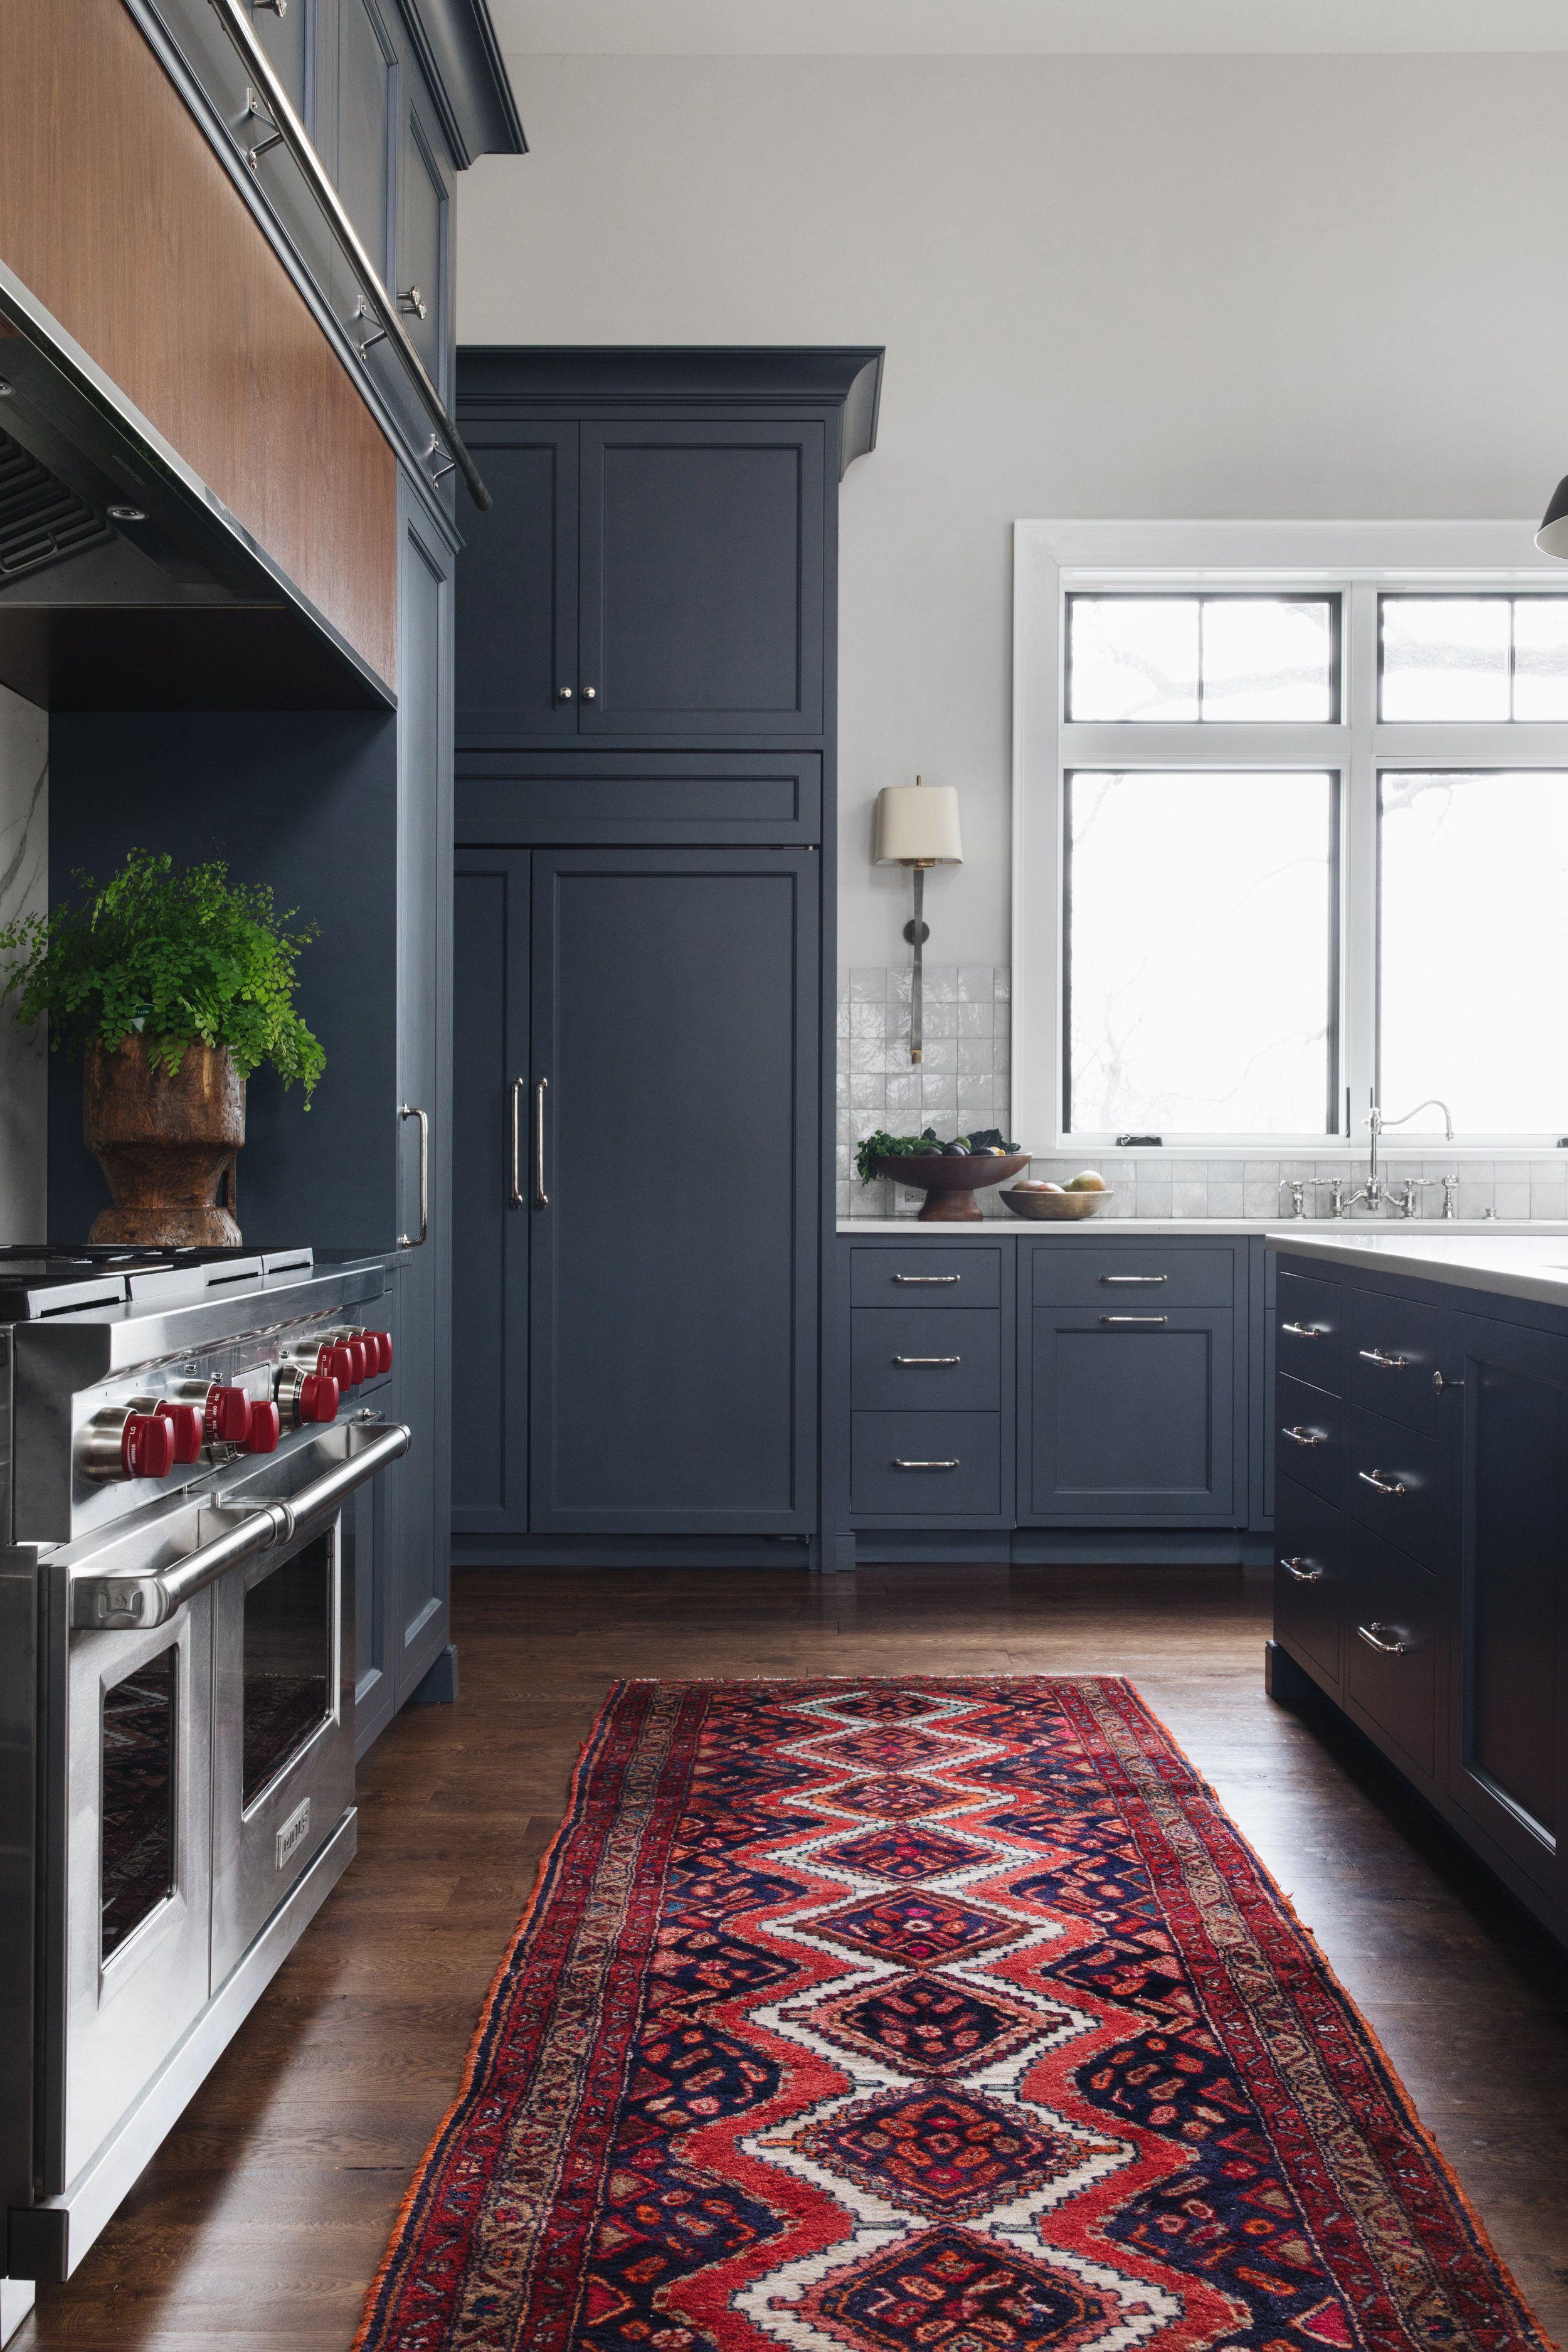 jsd chris and josie 060 jpg navy kitchen cabinets navy kitchen on kitchen decor navy id=90119